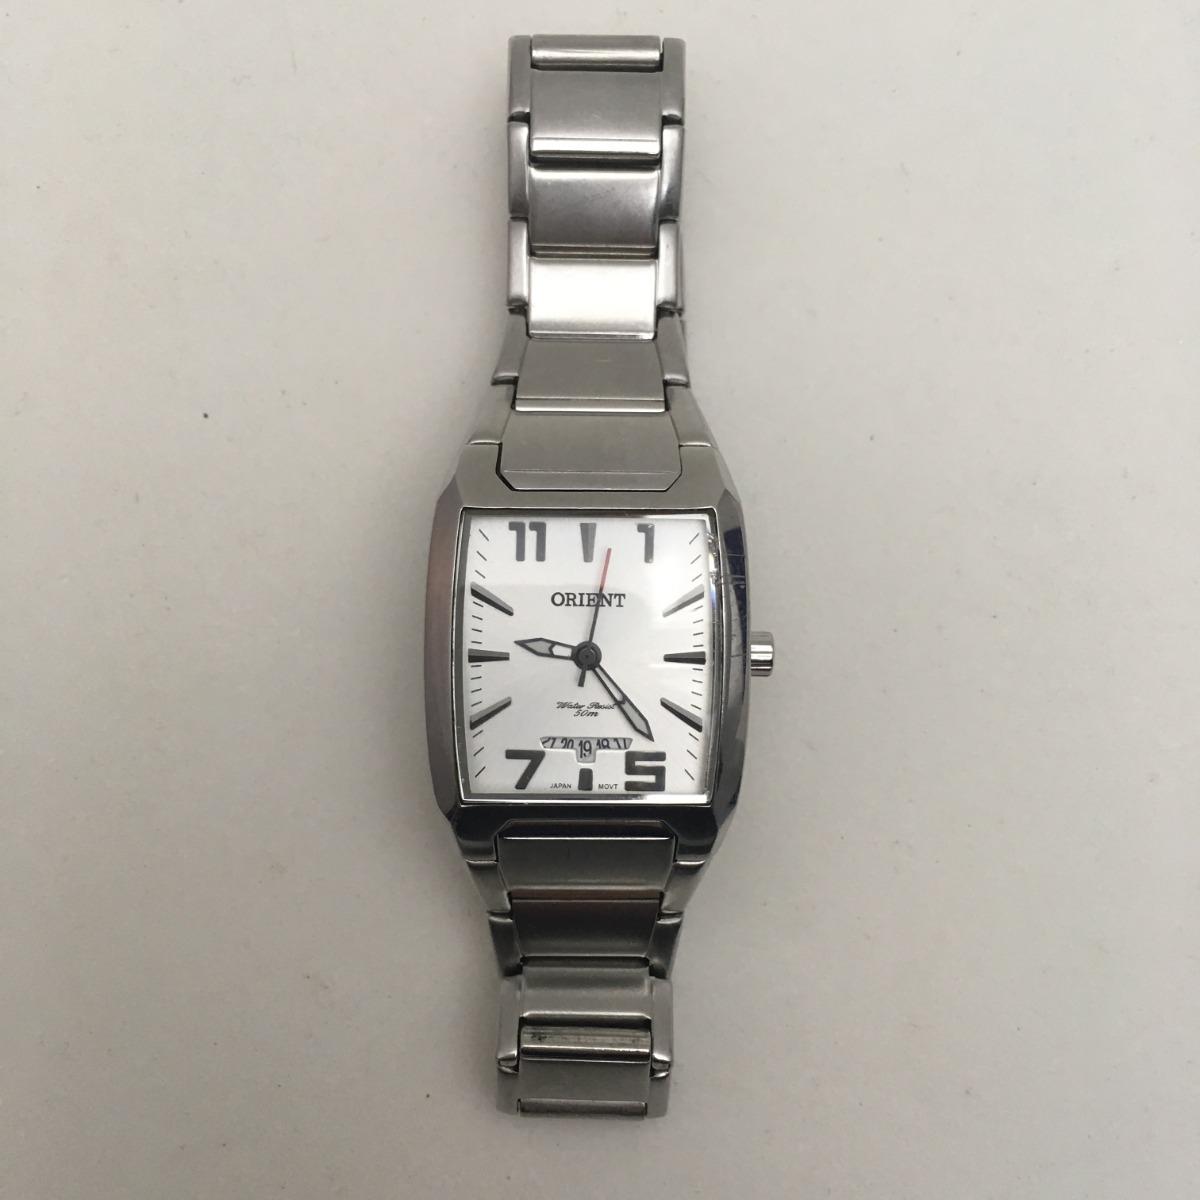 5541286237b Relógio Feminino Orient 50 M Usado - R  110